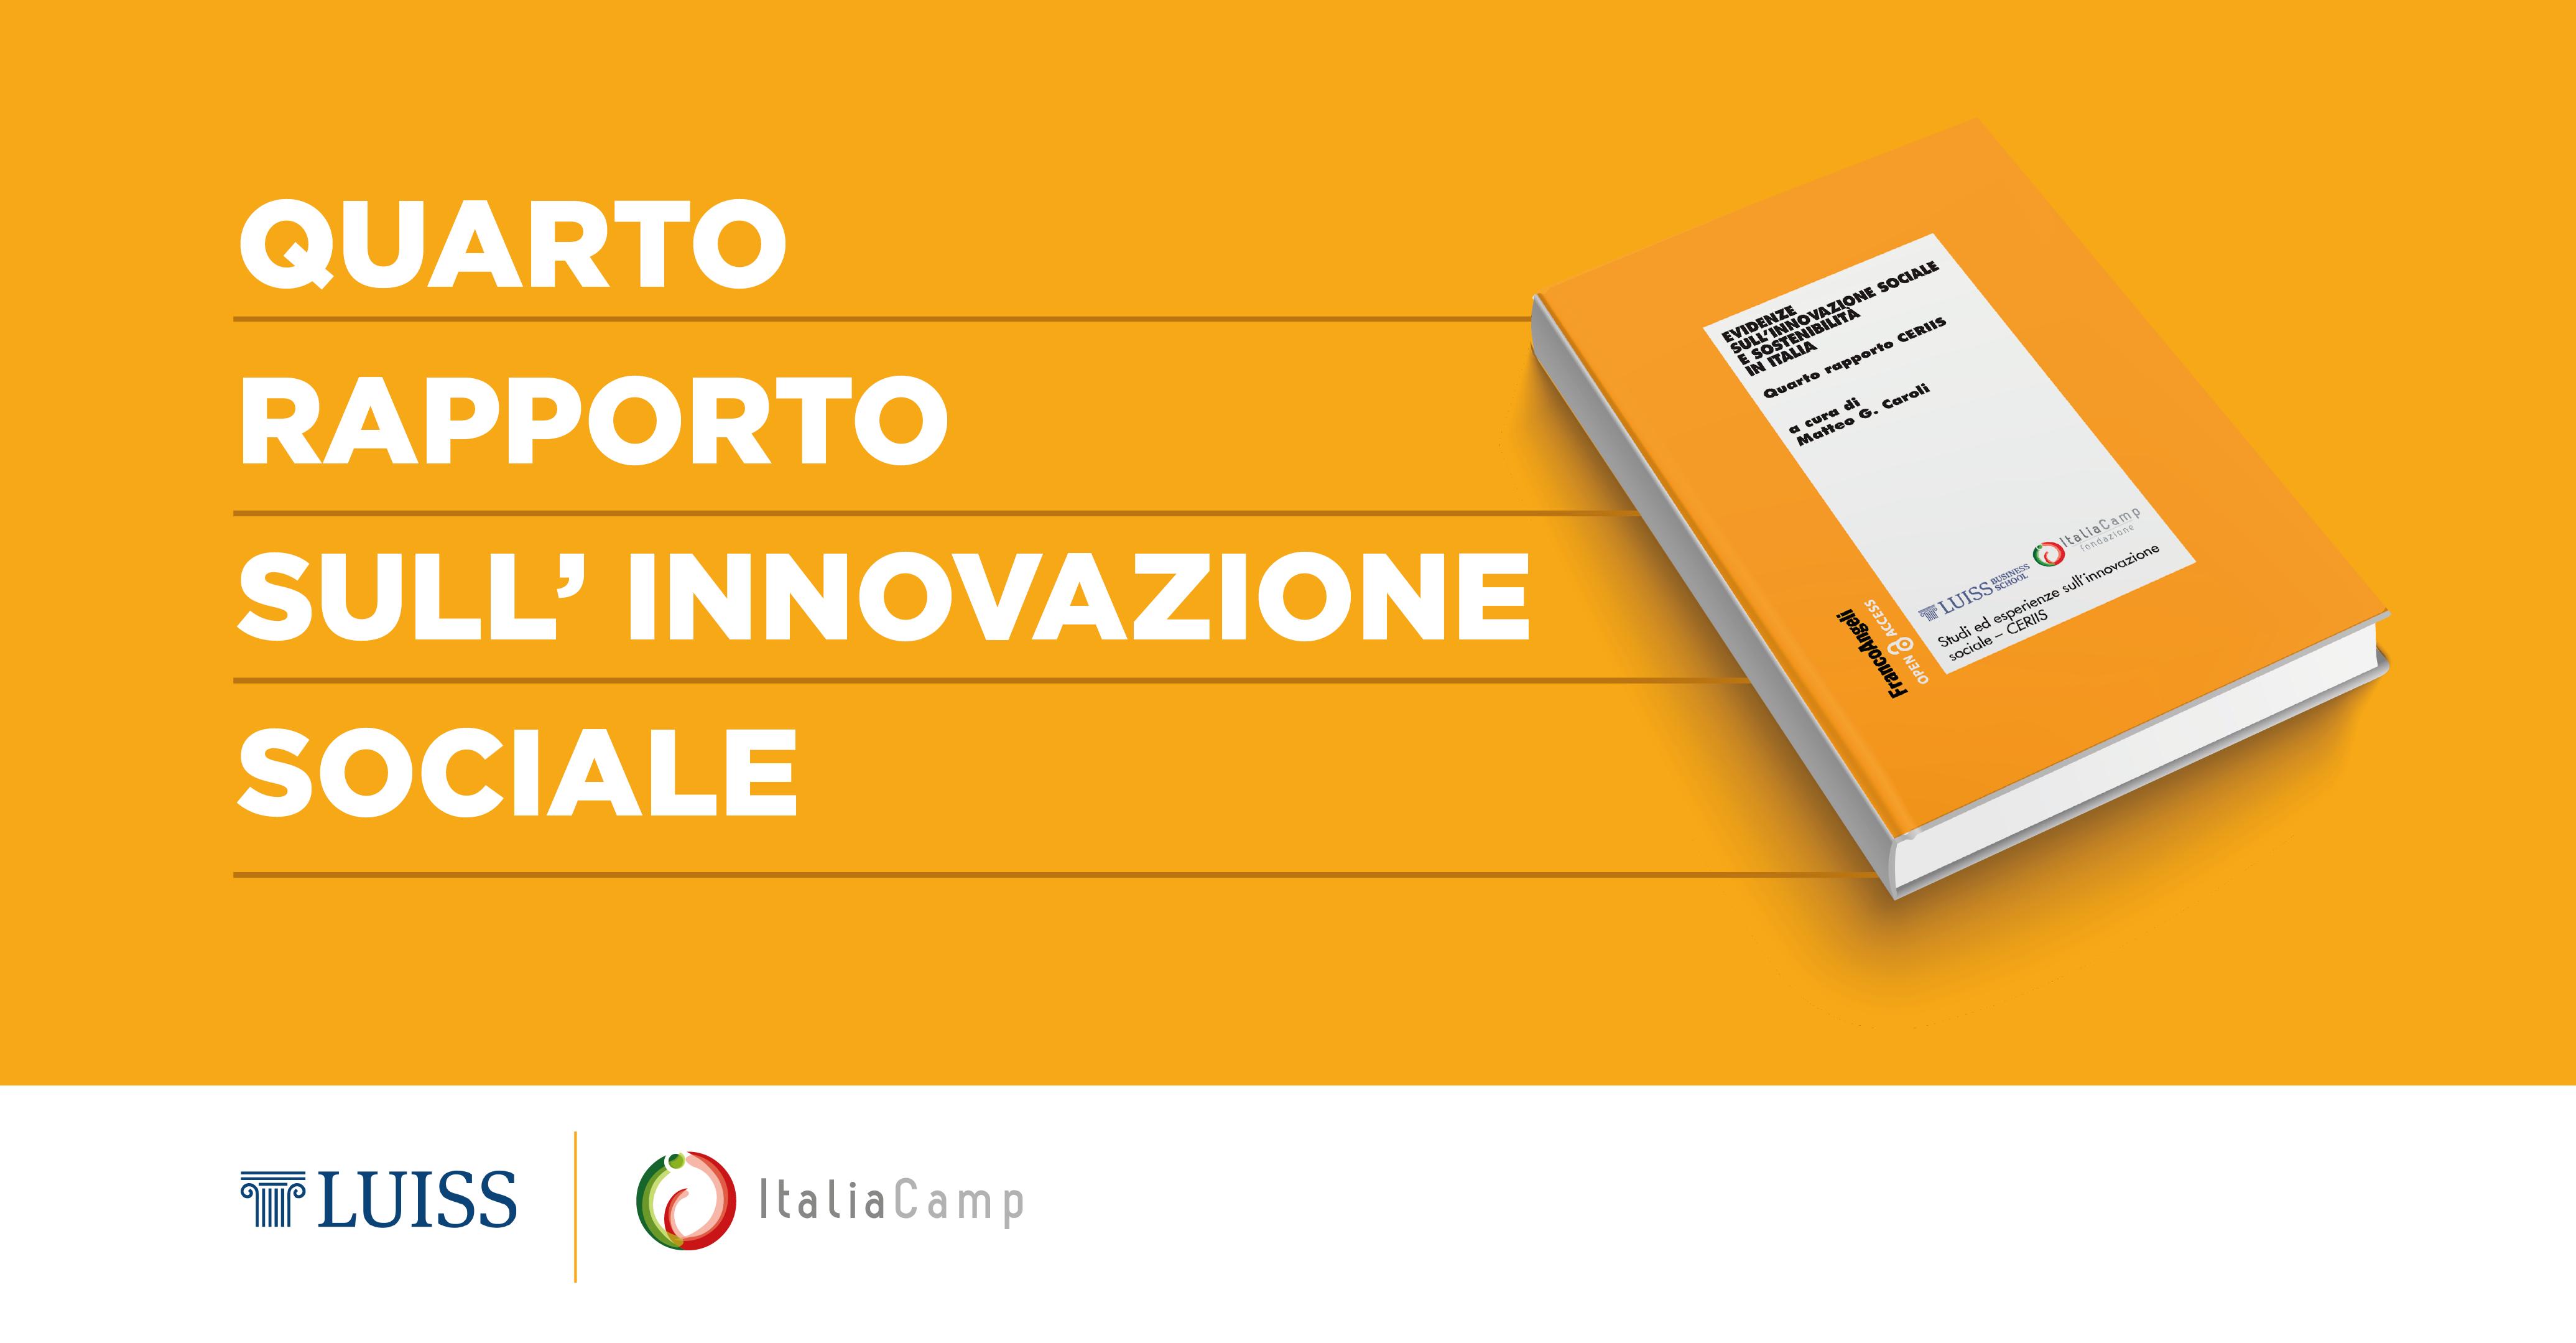 Il Quarto Rapporto sull'Innovazione Sociale in Italia